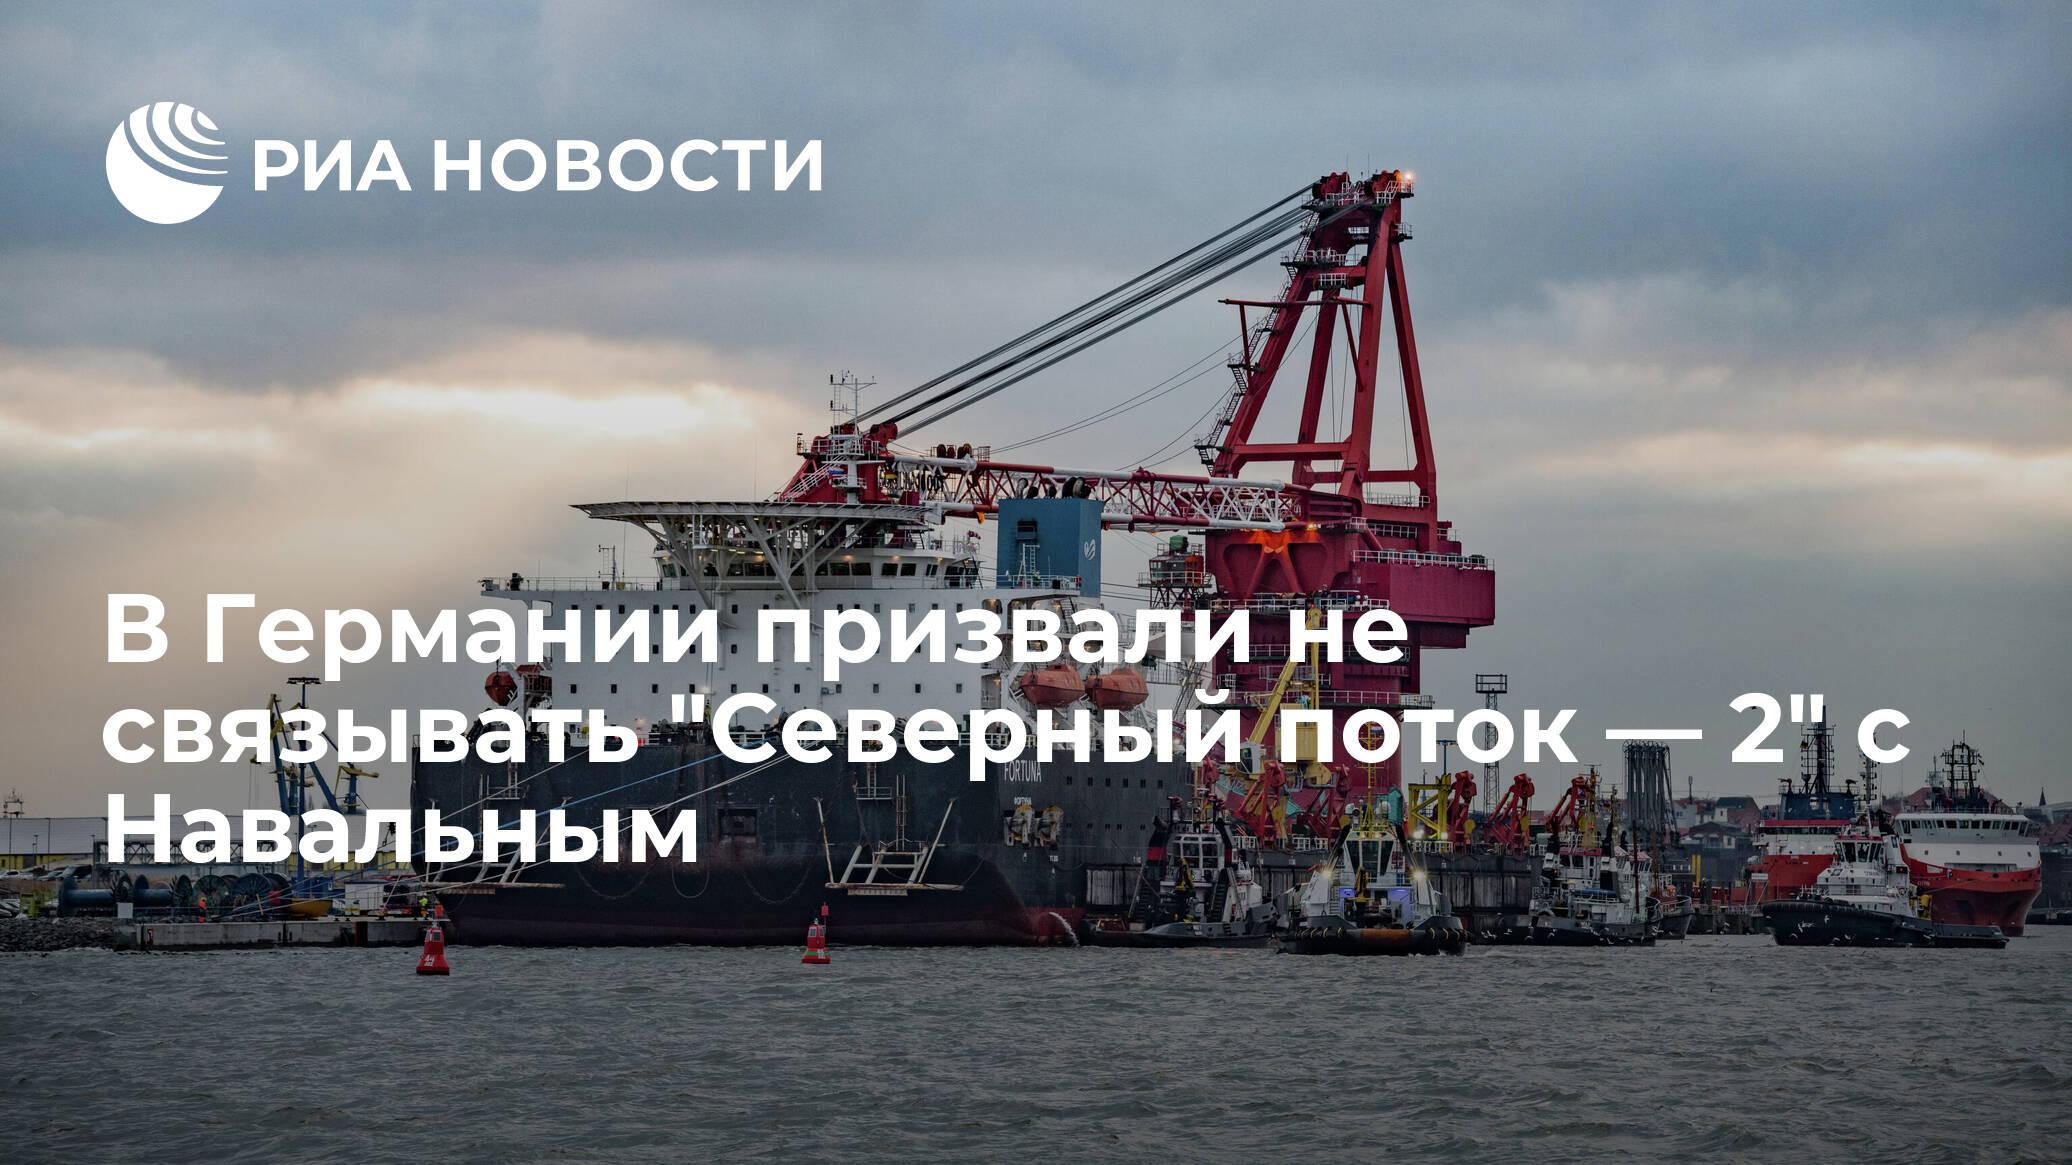 В Германии призвали не связывать 'Северный поток — 2' с Навальным - РИА НОВОСТИ